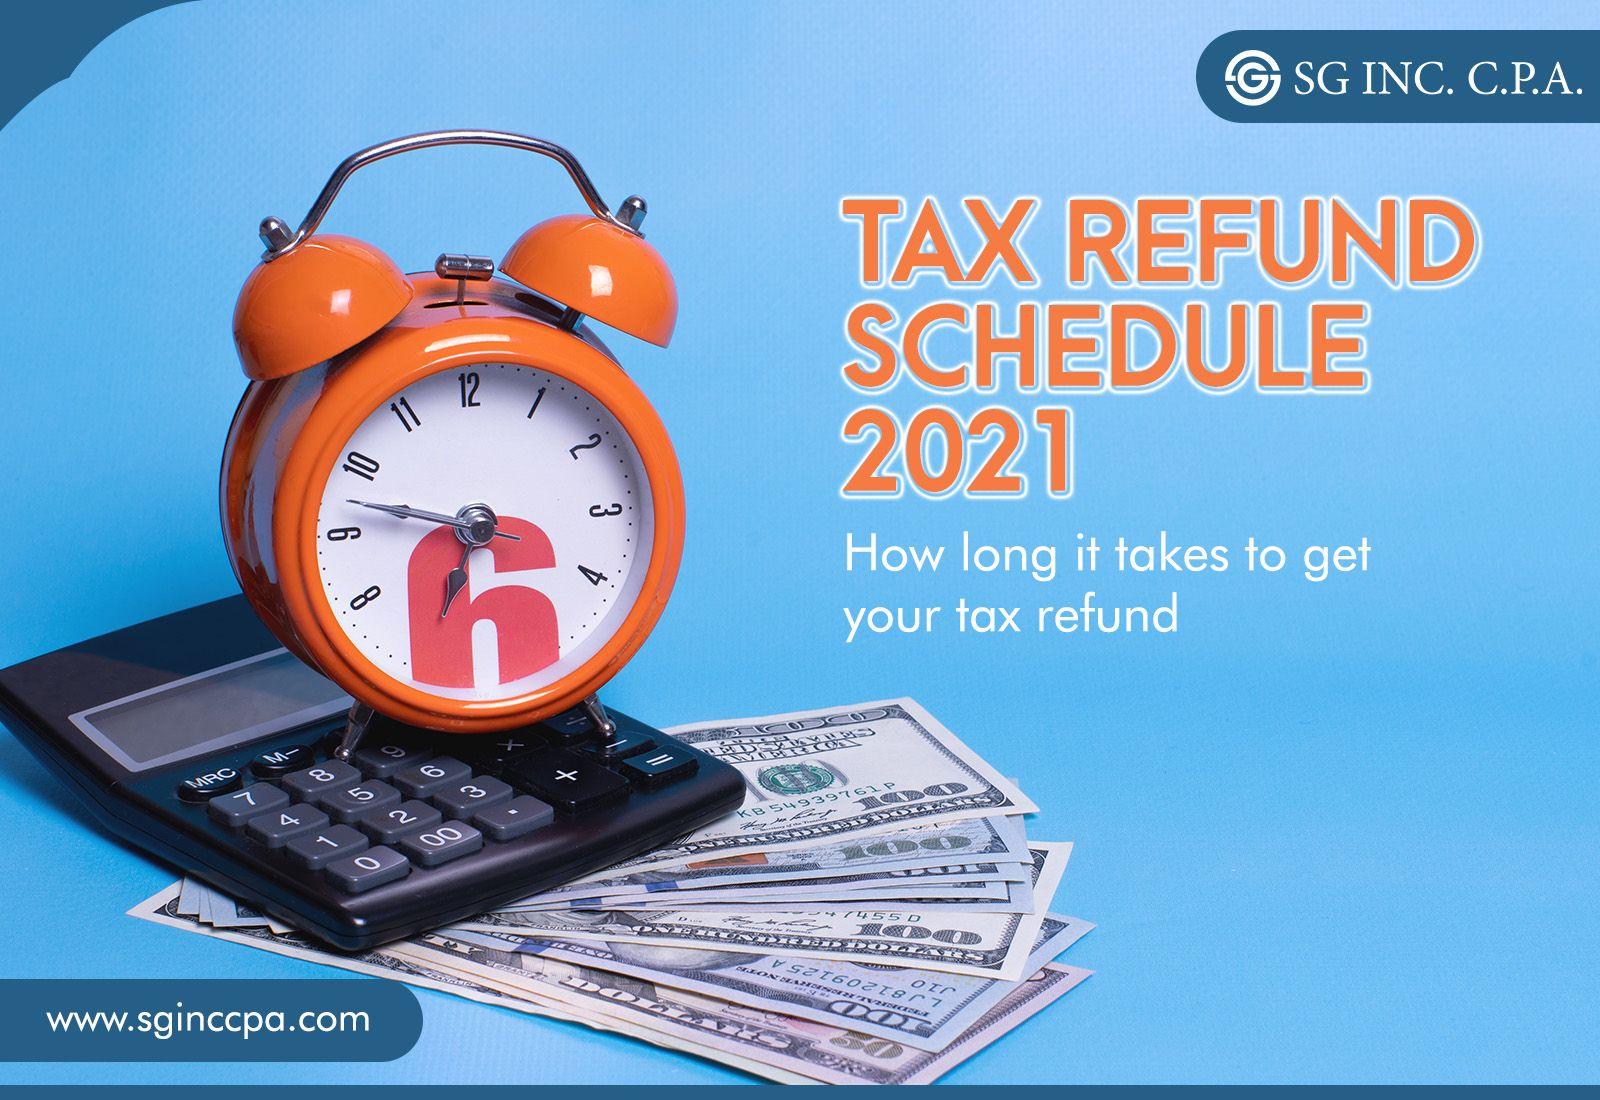 Tax refund schedule 2021